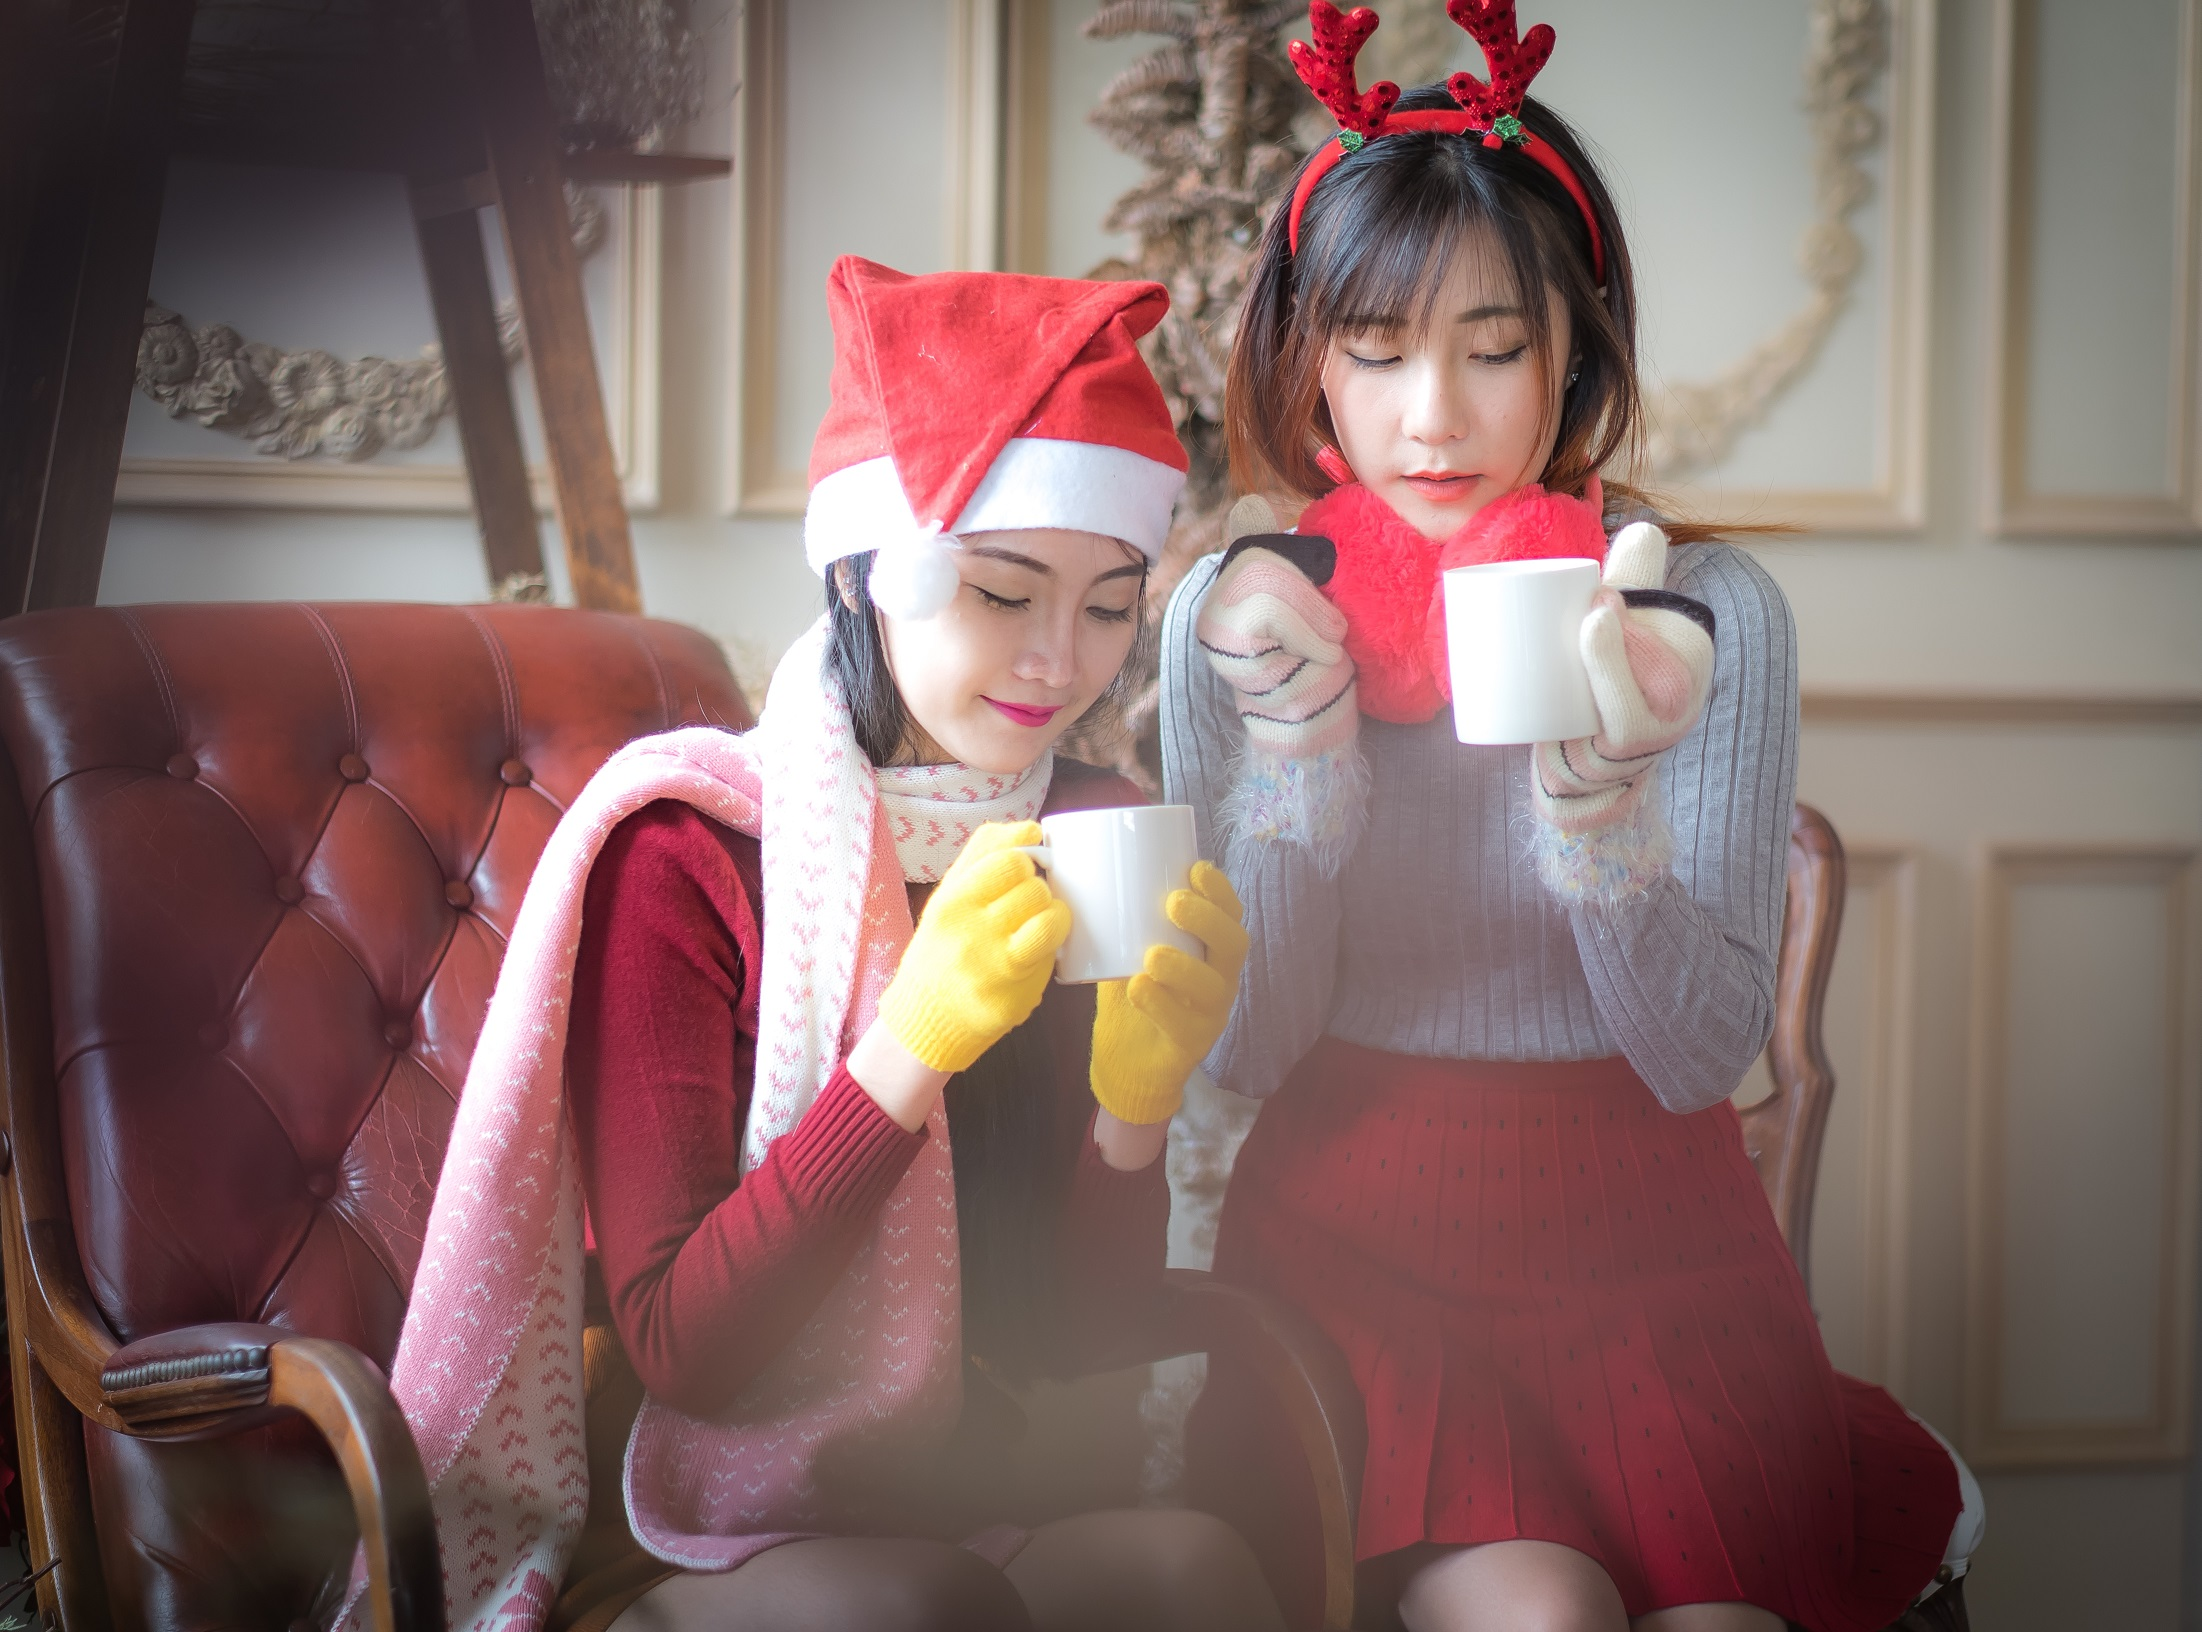 Lustige weihnachtsgeschichte von loriot